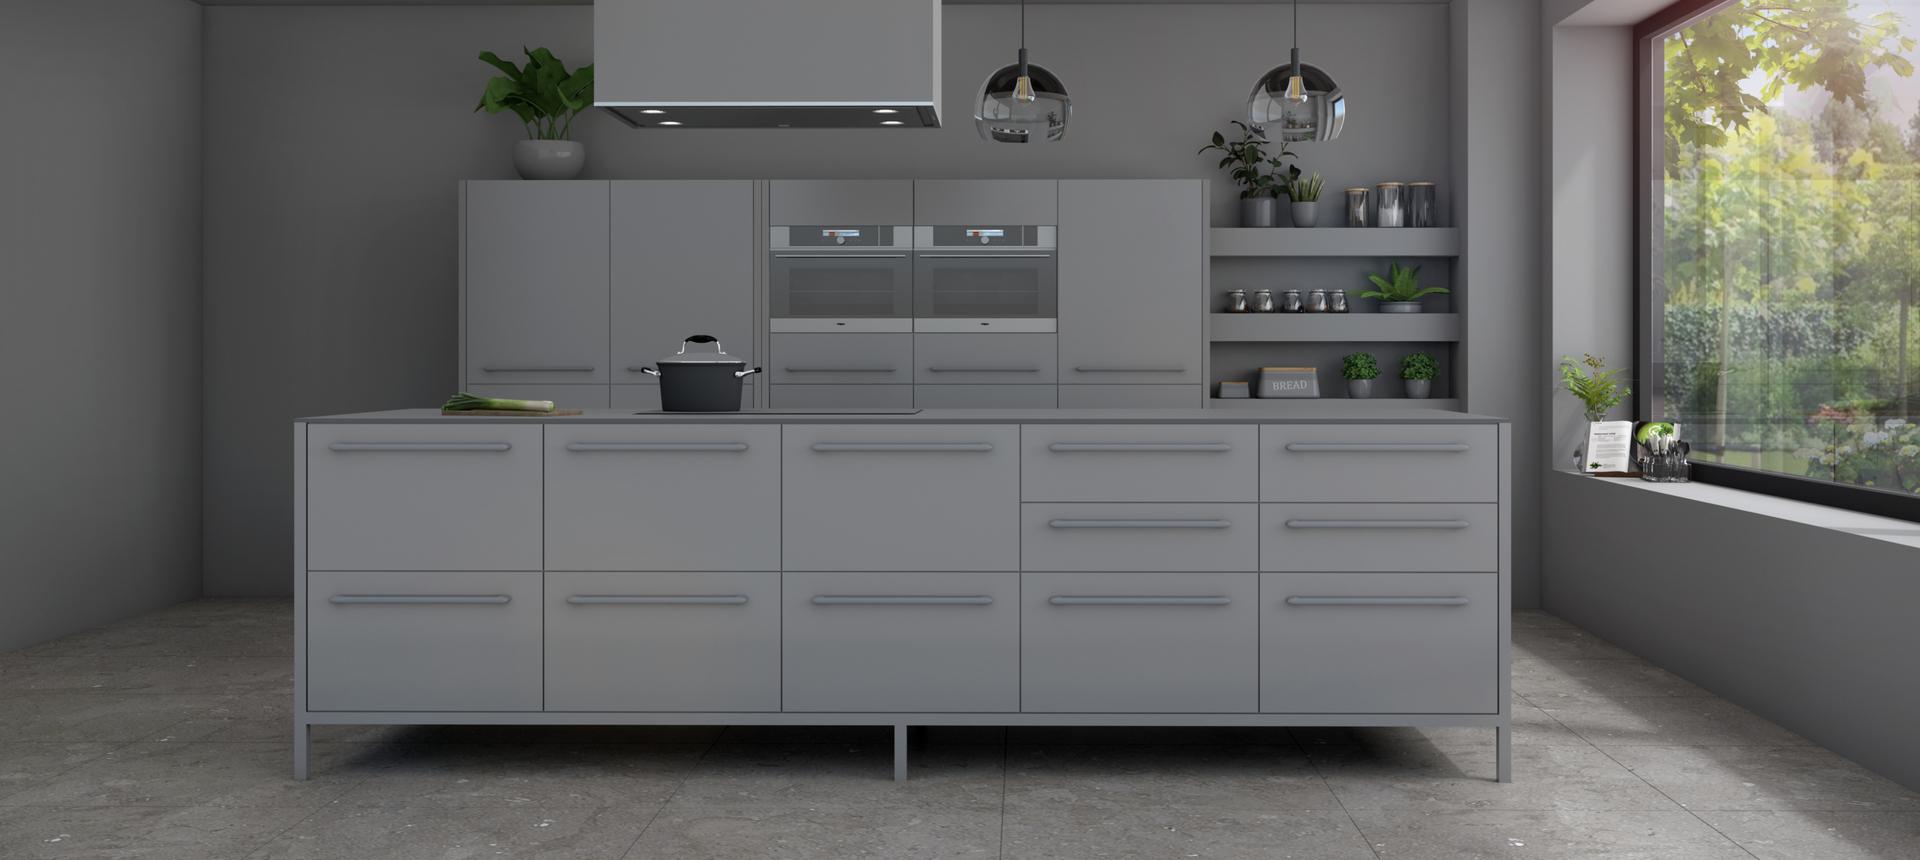 keuken rvs